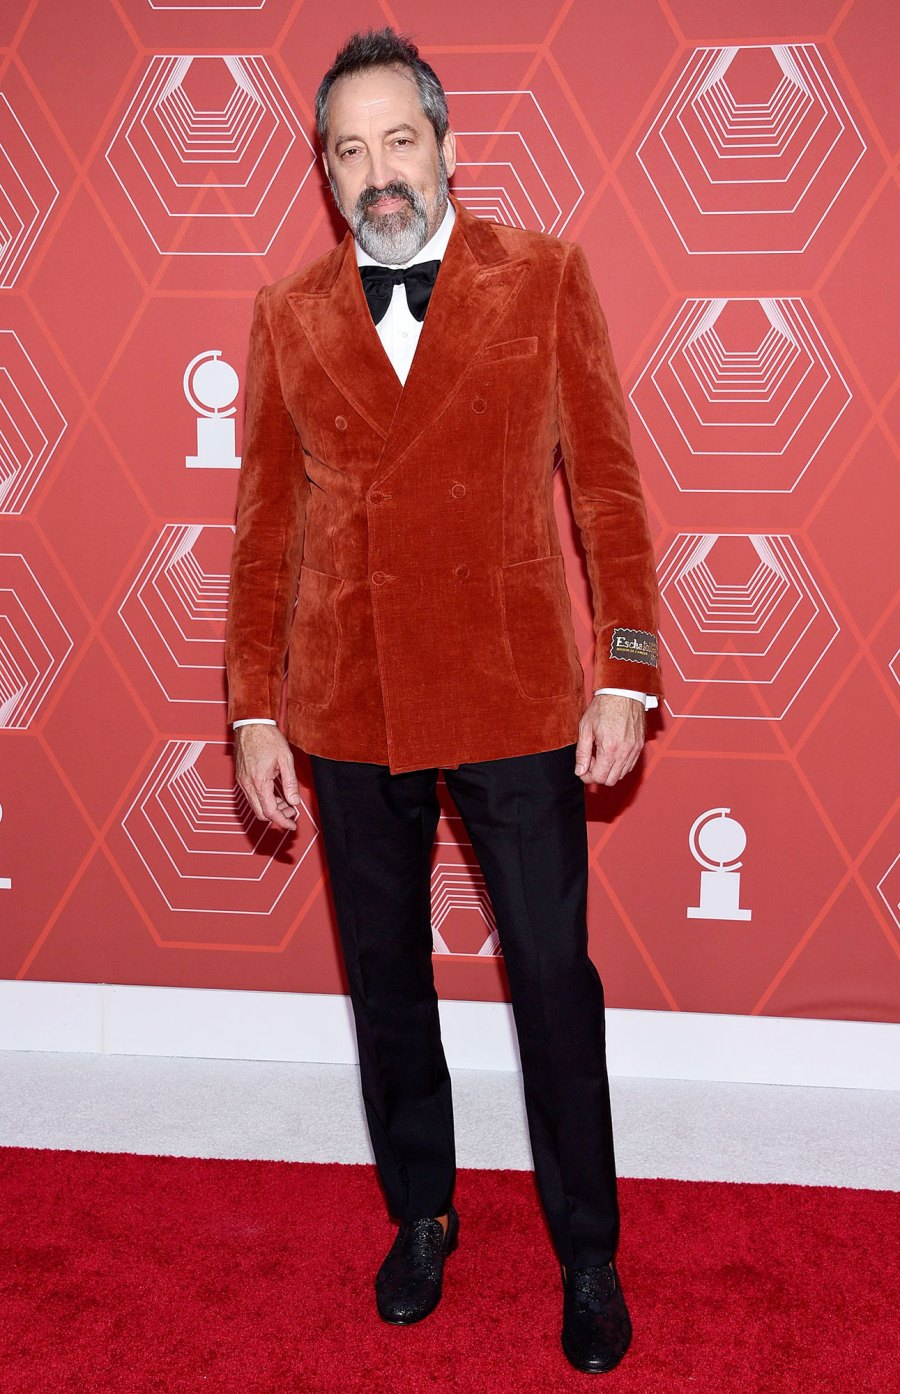 tony awards 2021 red carpet Ian Barford